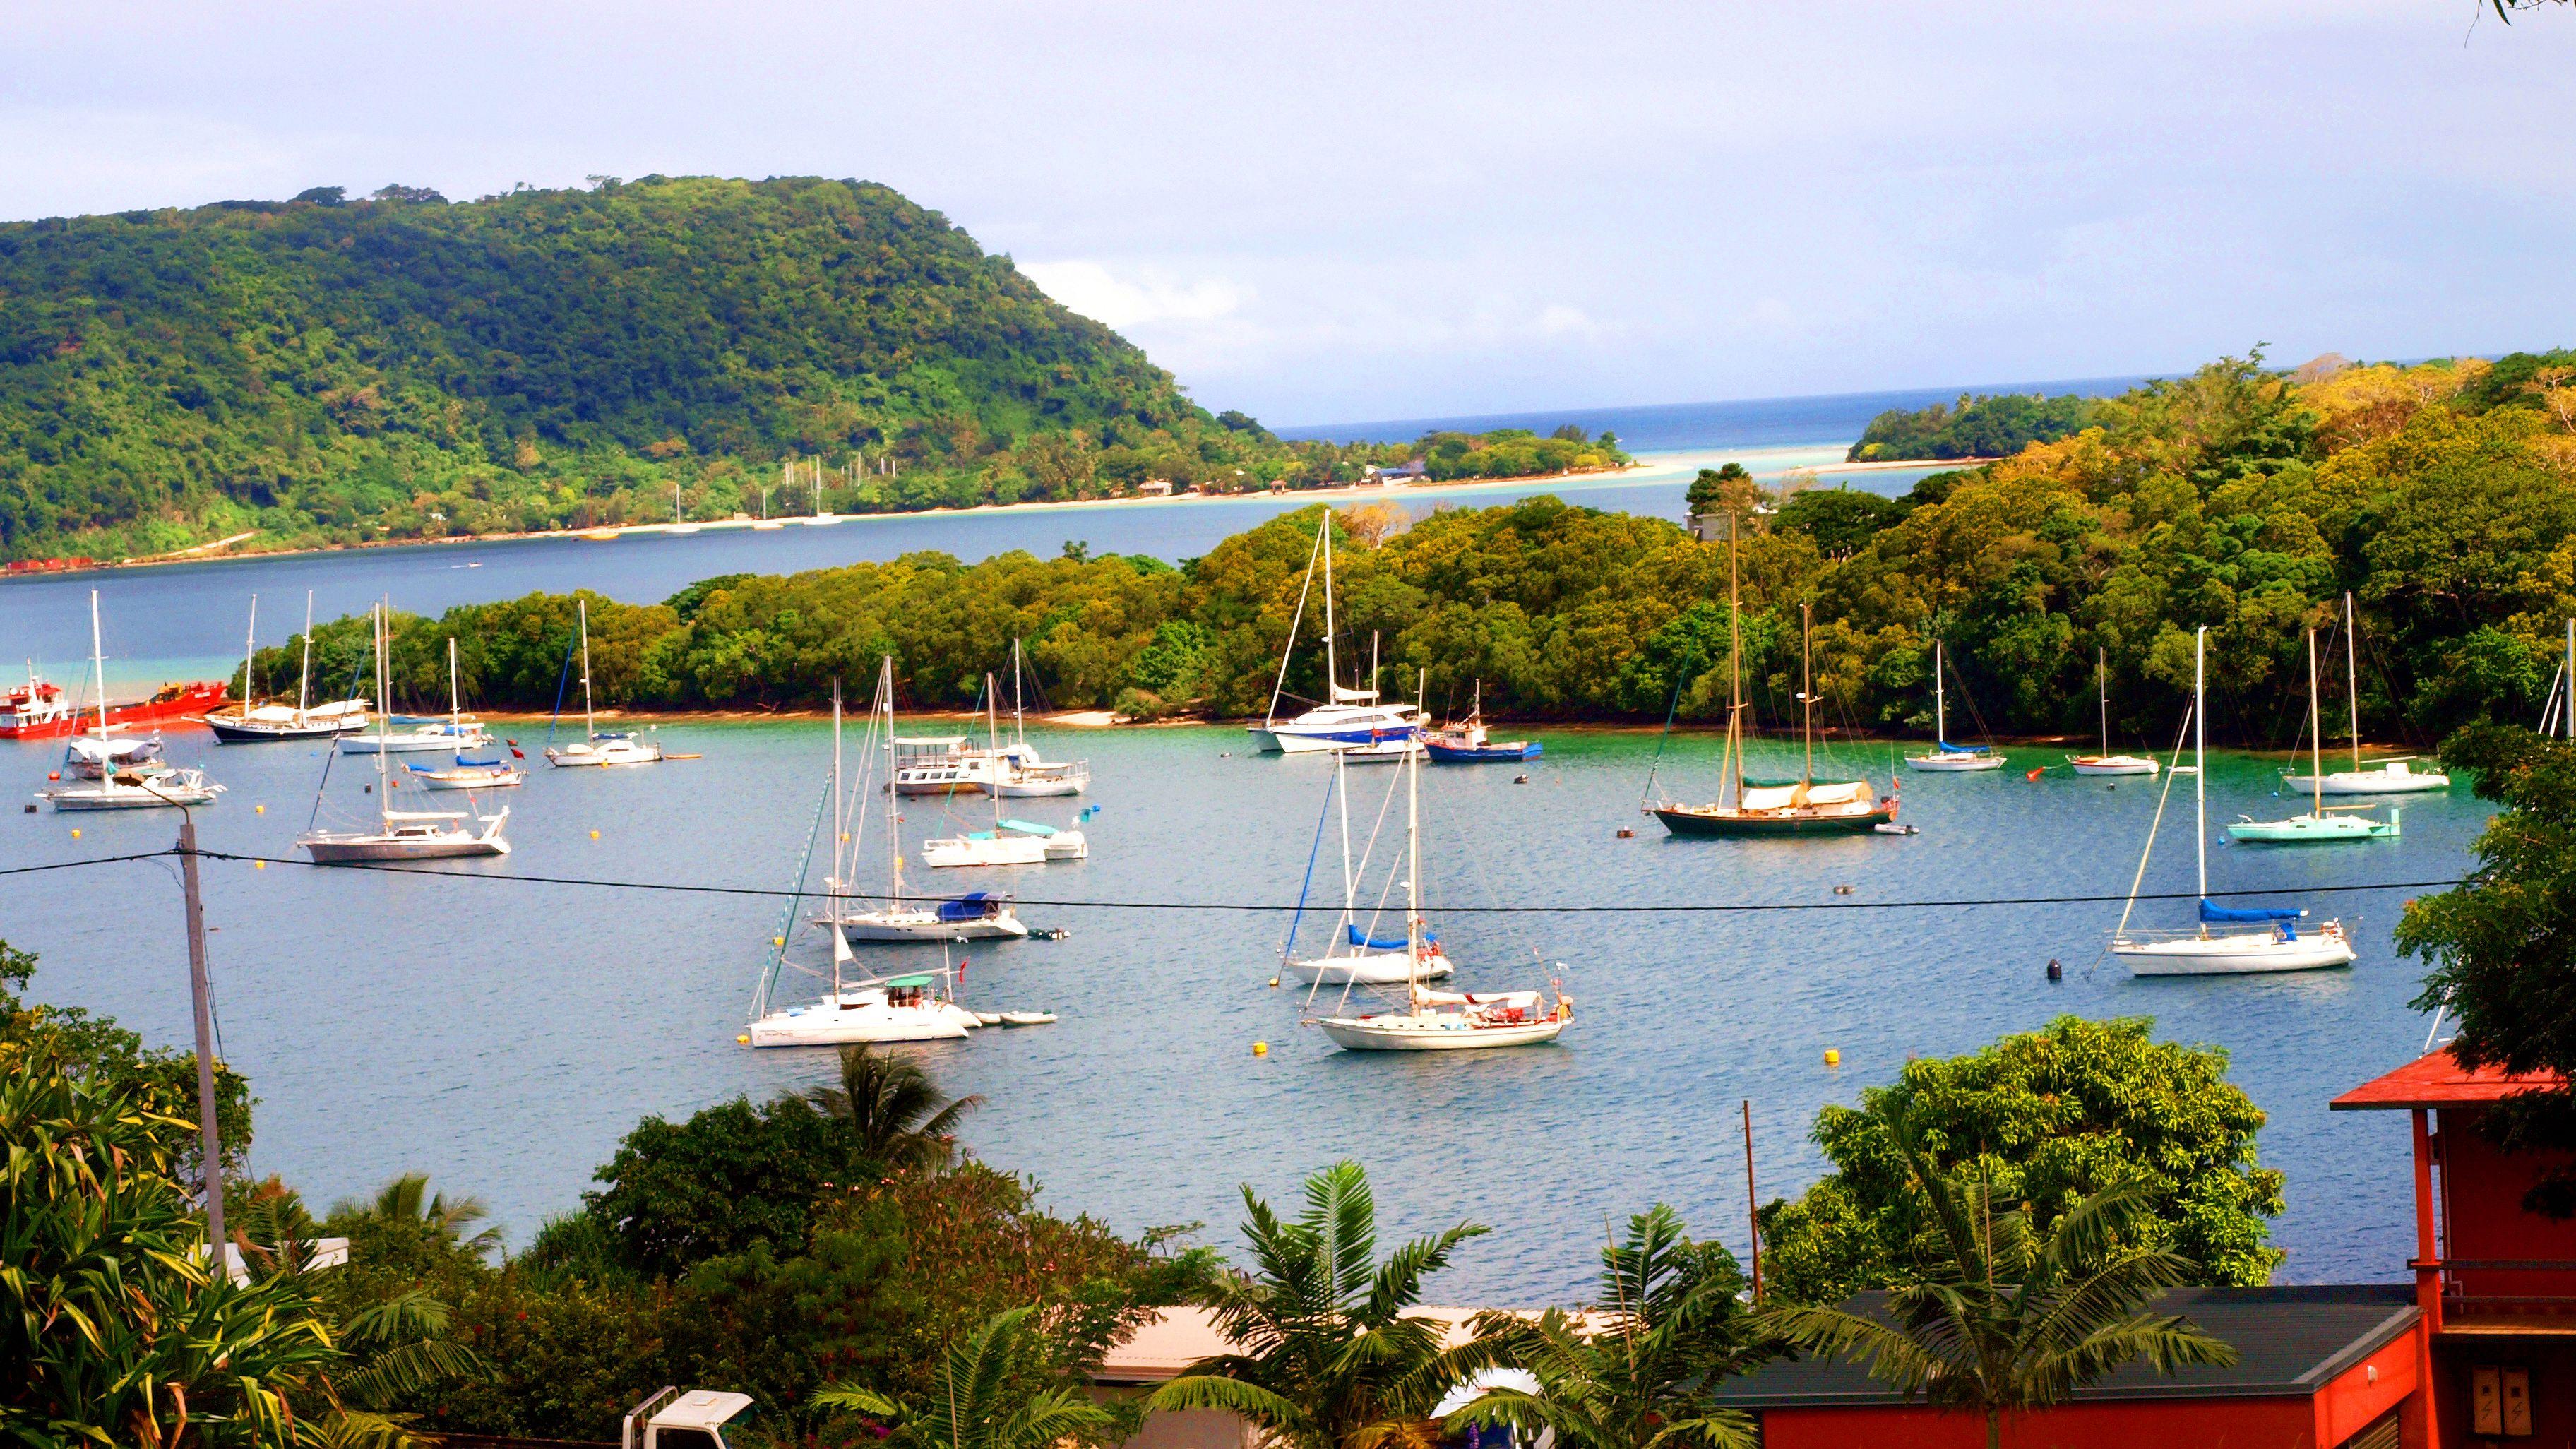 Boats in a harbor of Vanuatu Island